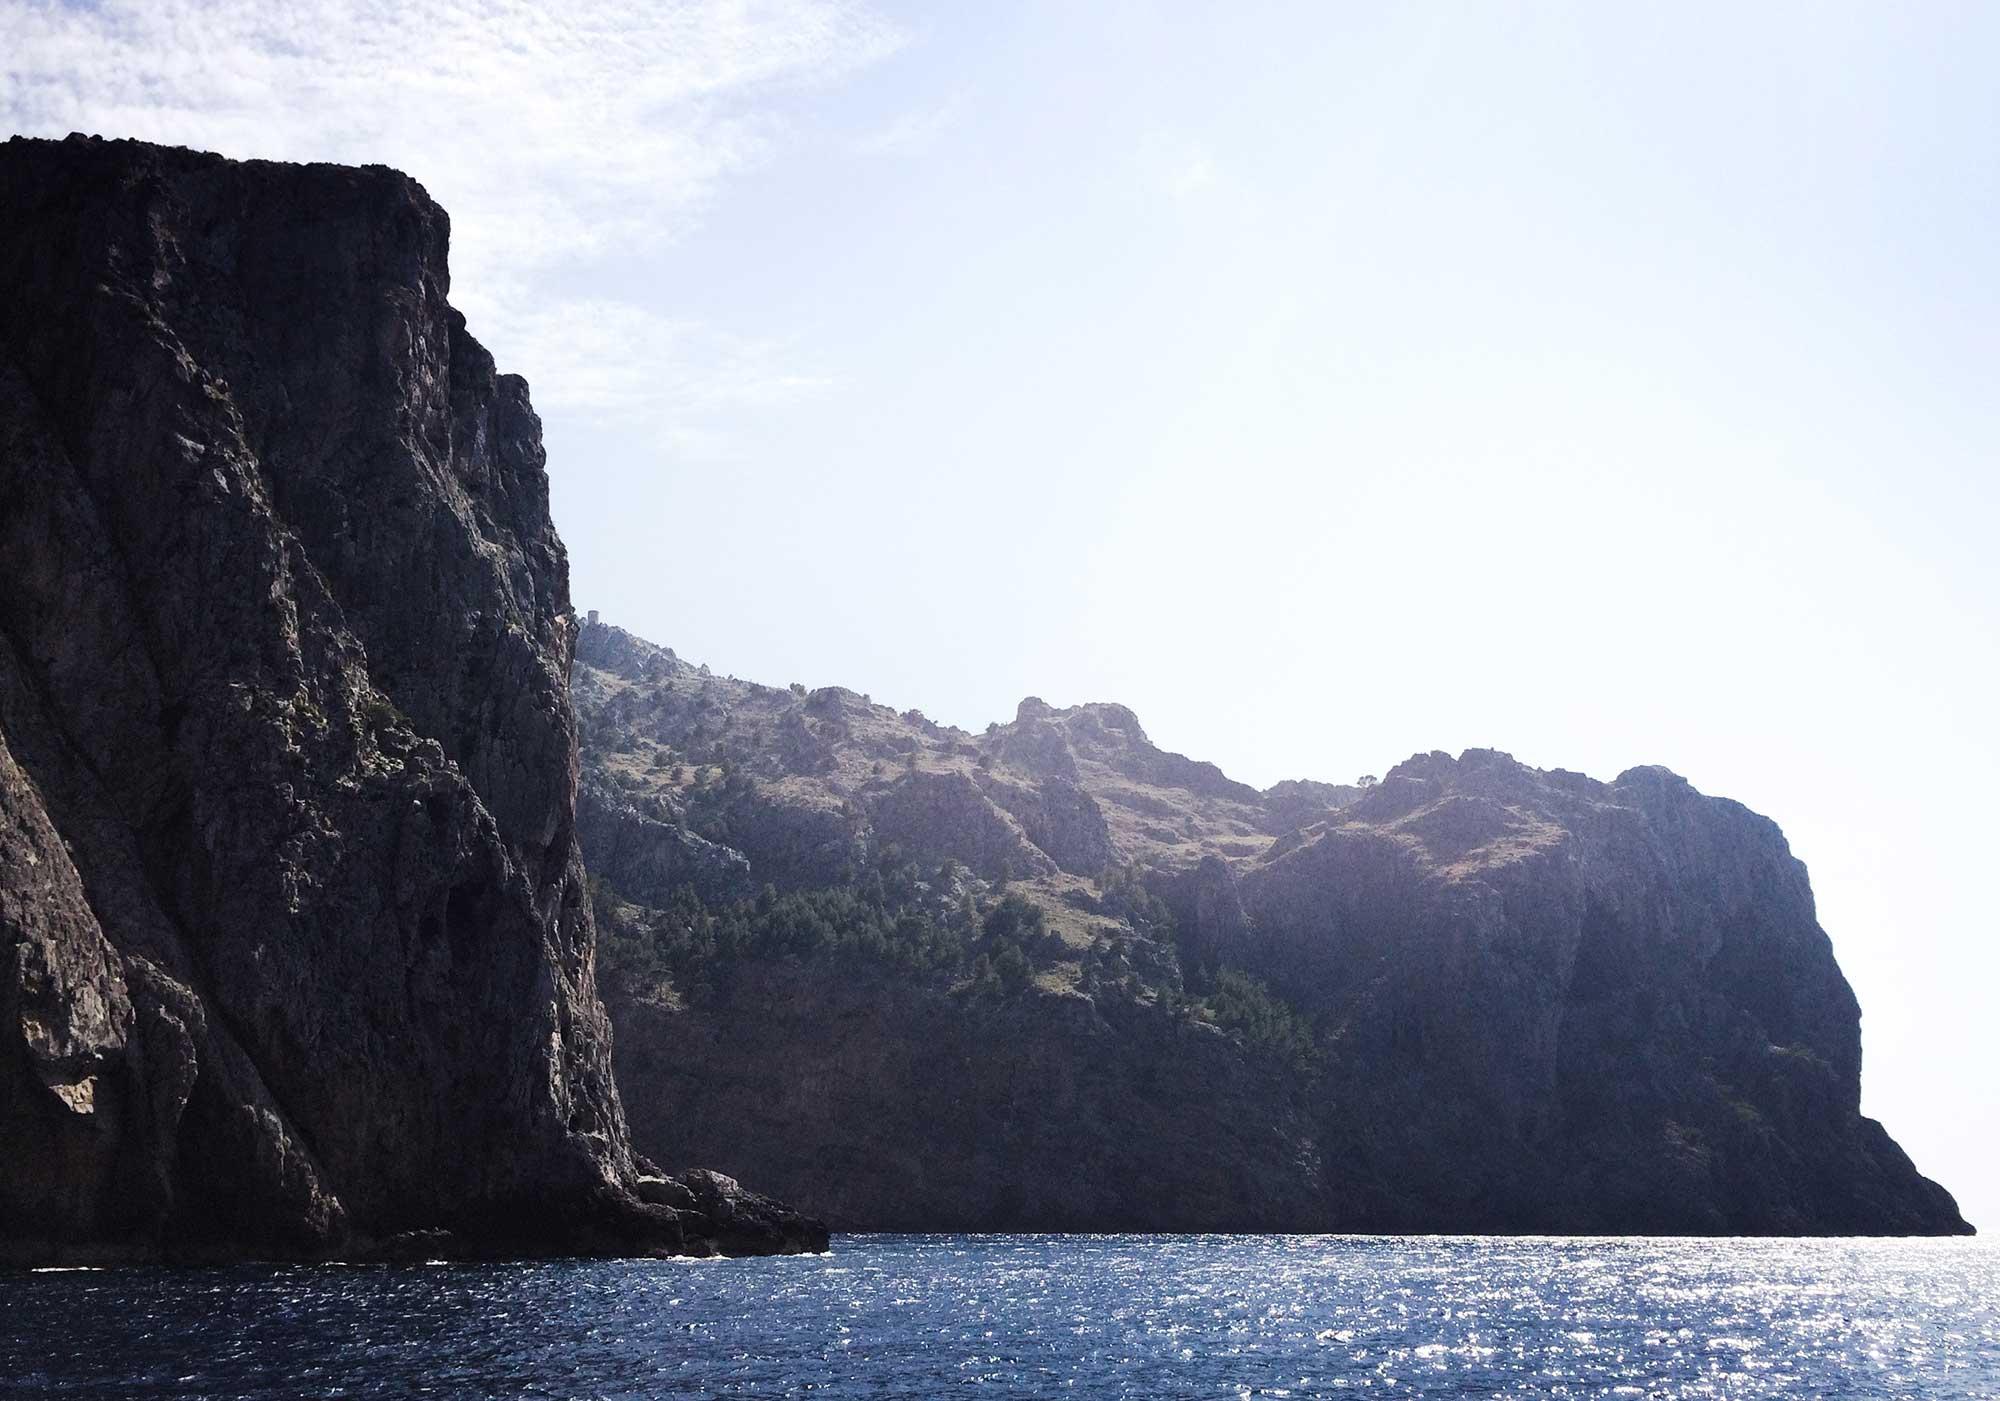 TDP-64-cliffs-on-ferry-ride-to-soller-torrent-de-pareis-mallorca-day-hike.jpg